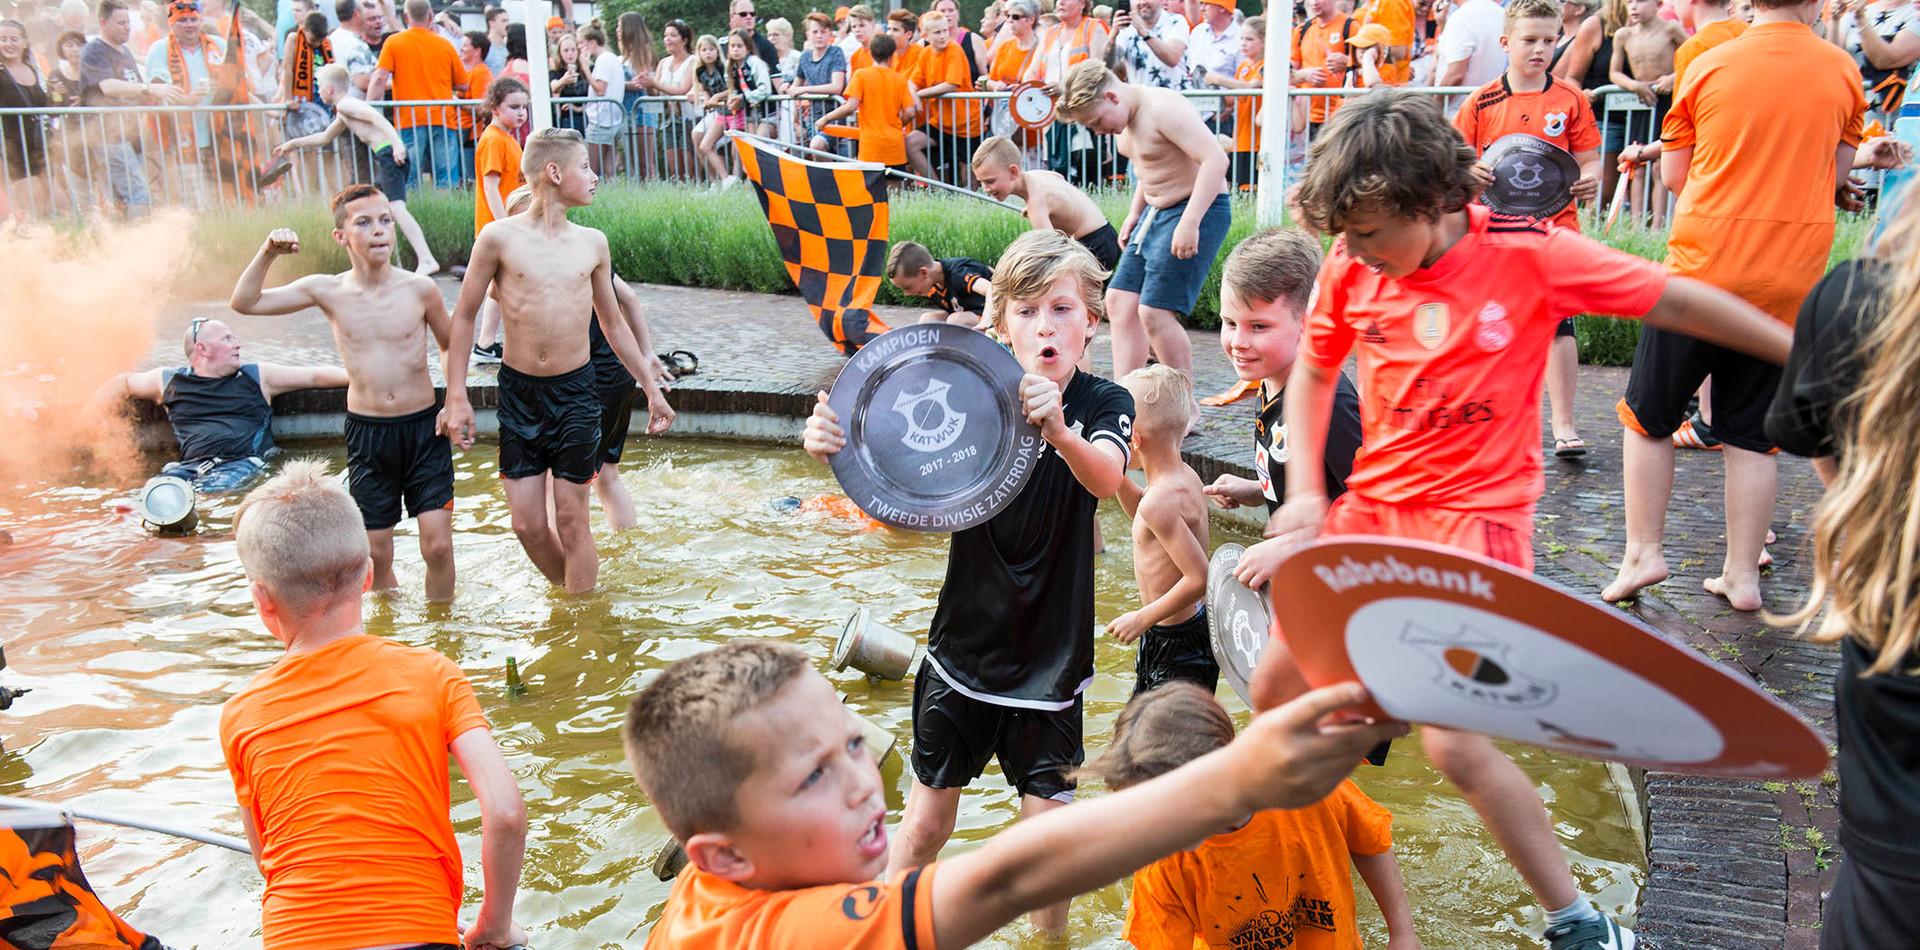 Katwijk_kampioen_DSC_0714_LR.jpg